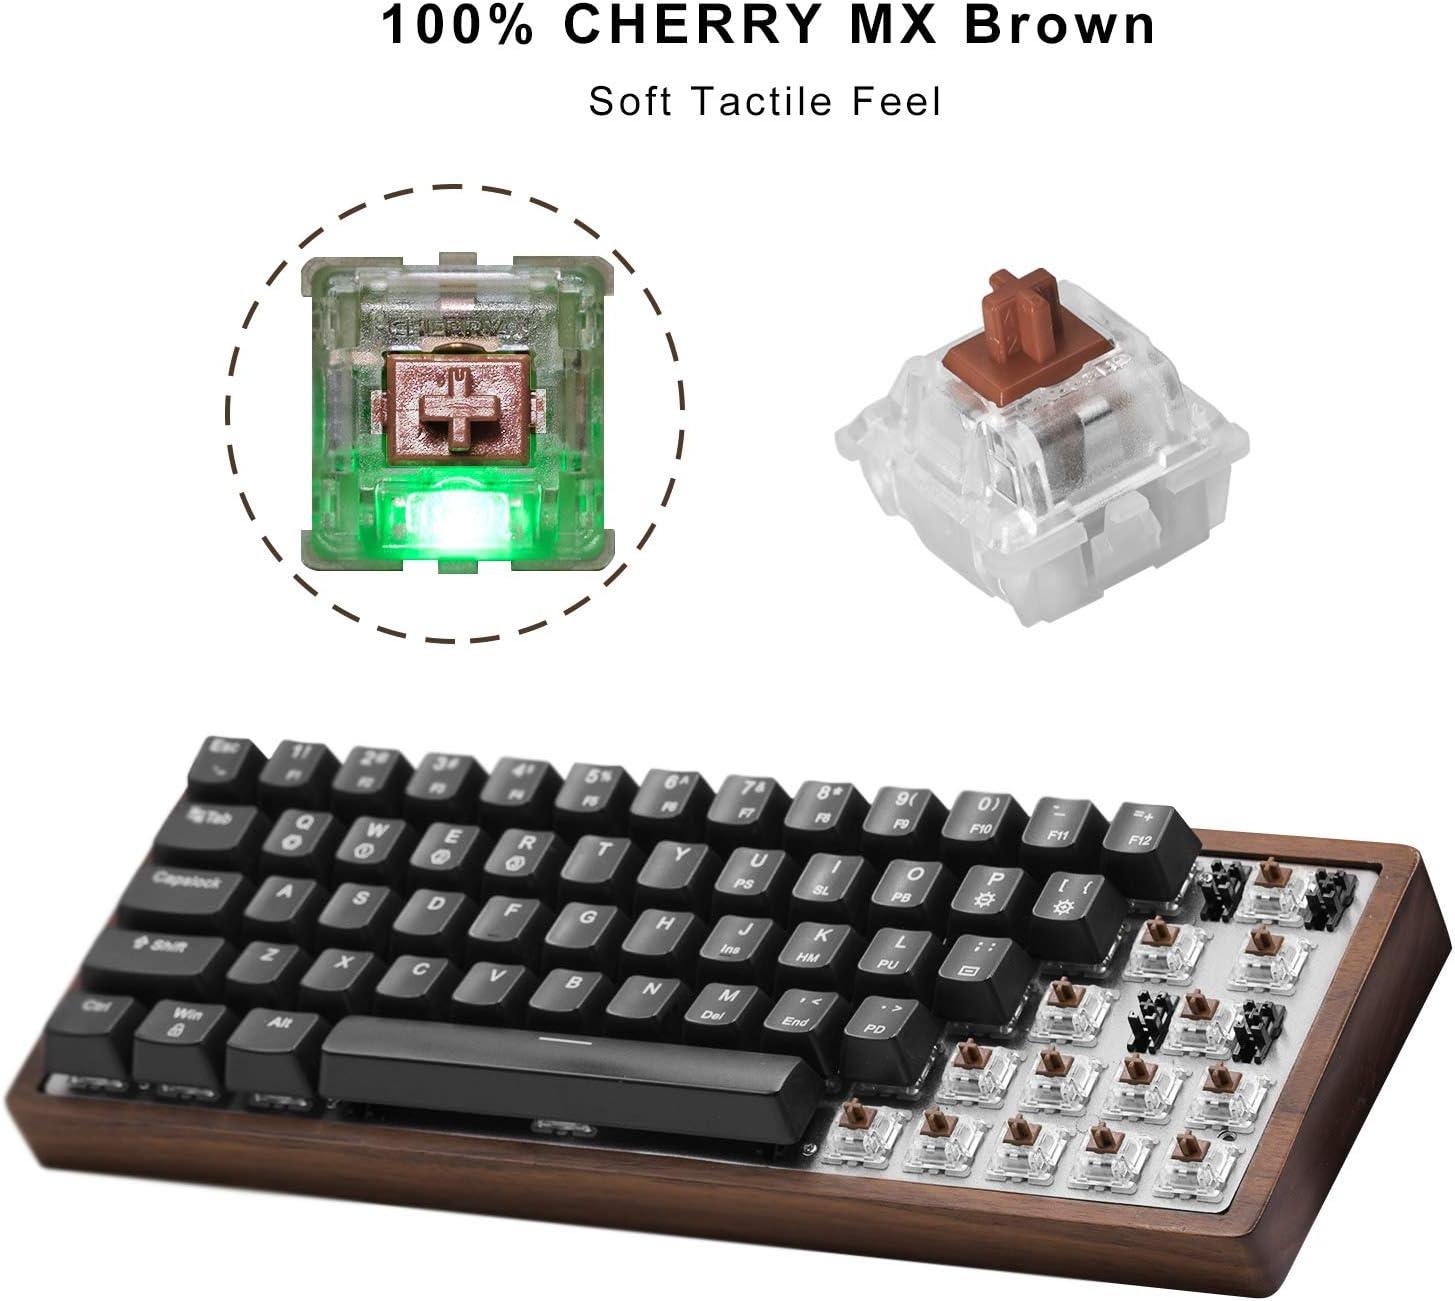 CENNBIE 60% Mini Teclado mecánico para Juegos - Retroiluminación LED RGB - Interruptores Brown MX de Cerezo - Intercambio de Bricolaje en Caliente - ...